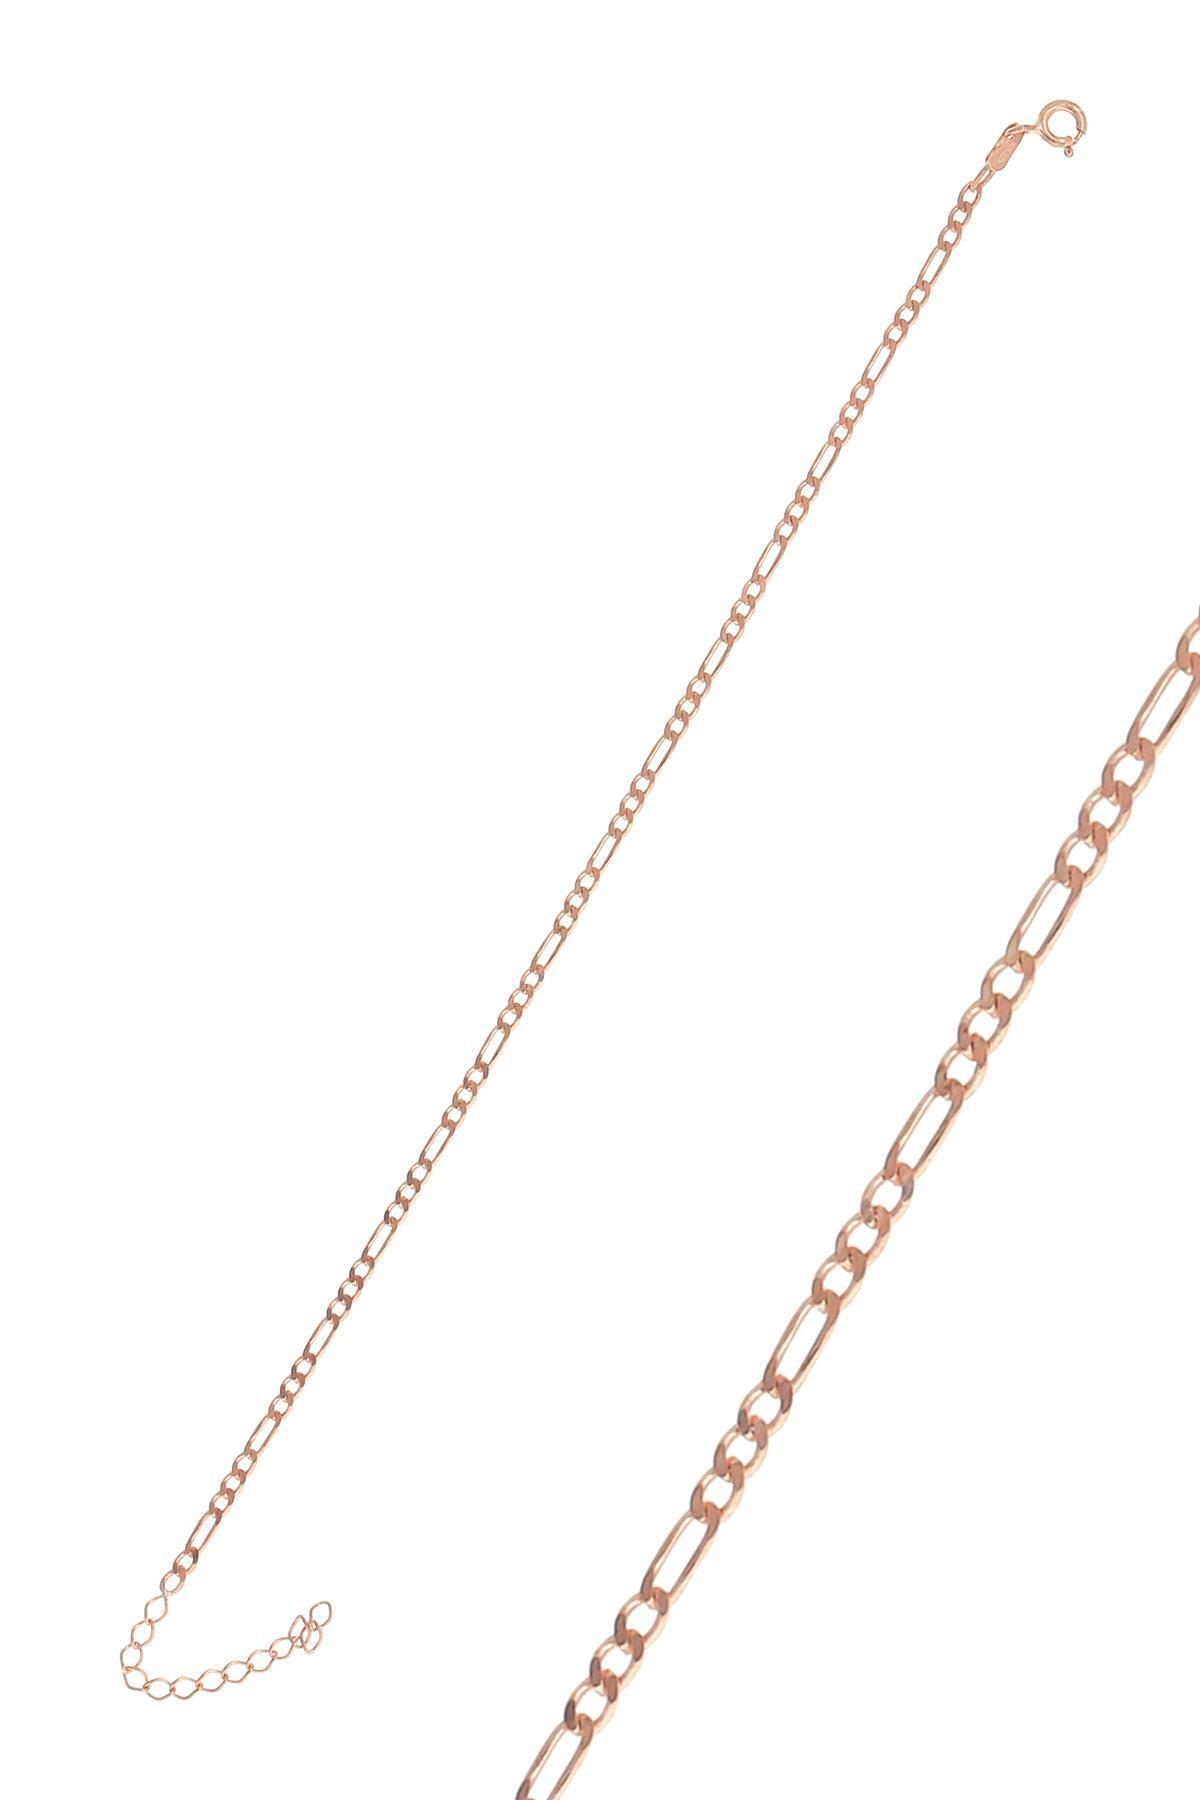 Söğütlü Silver Gümüş Rose Figaro Zincir Bileklik